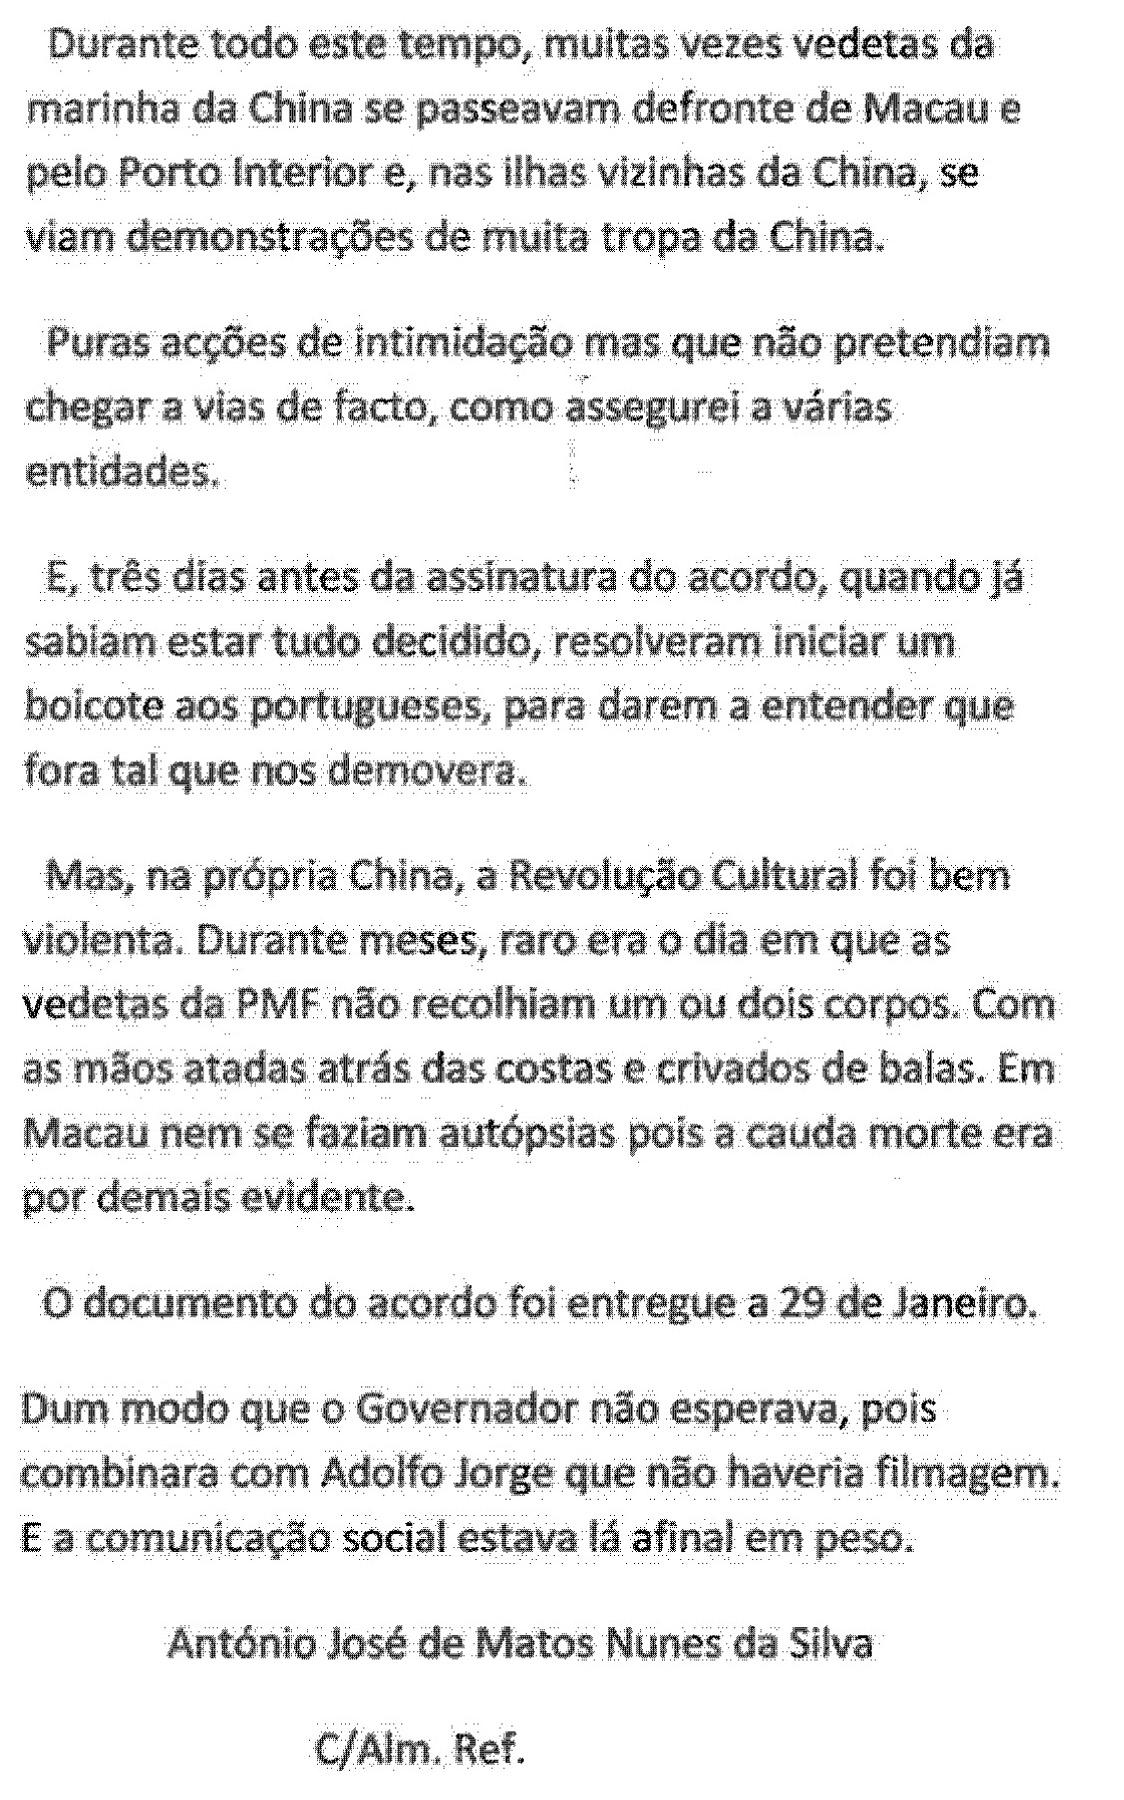 08 Textos do DVD Acontecimentos em Macau 1966-67-24